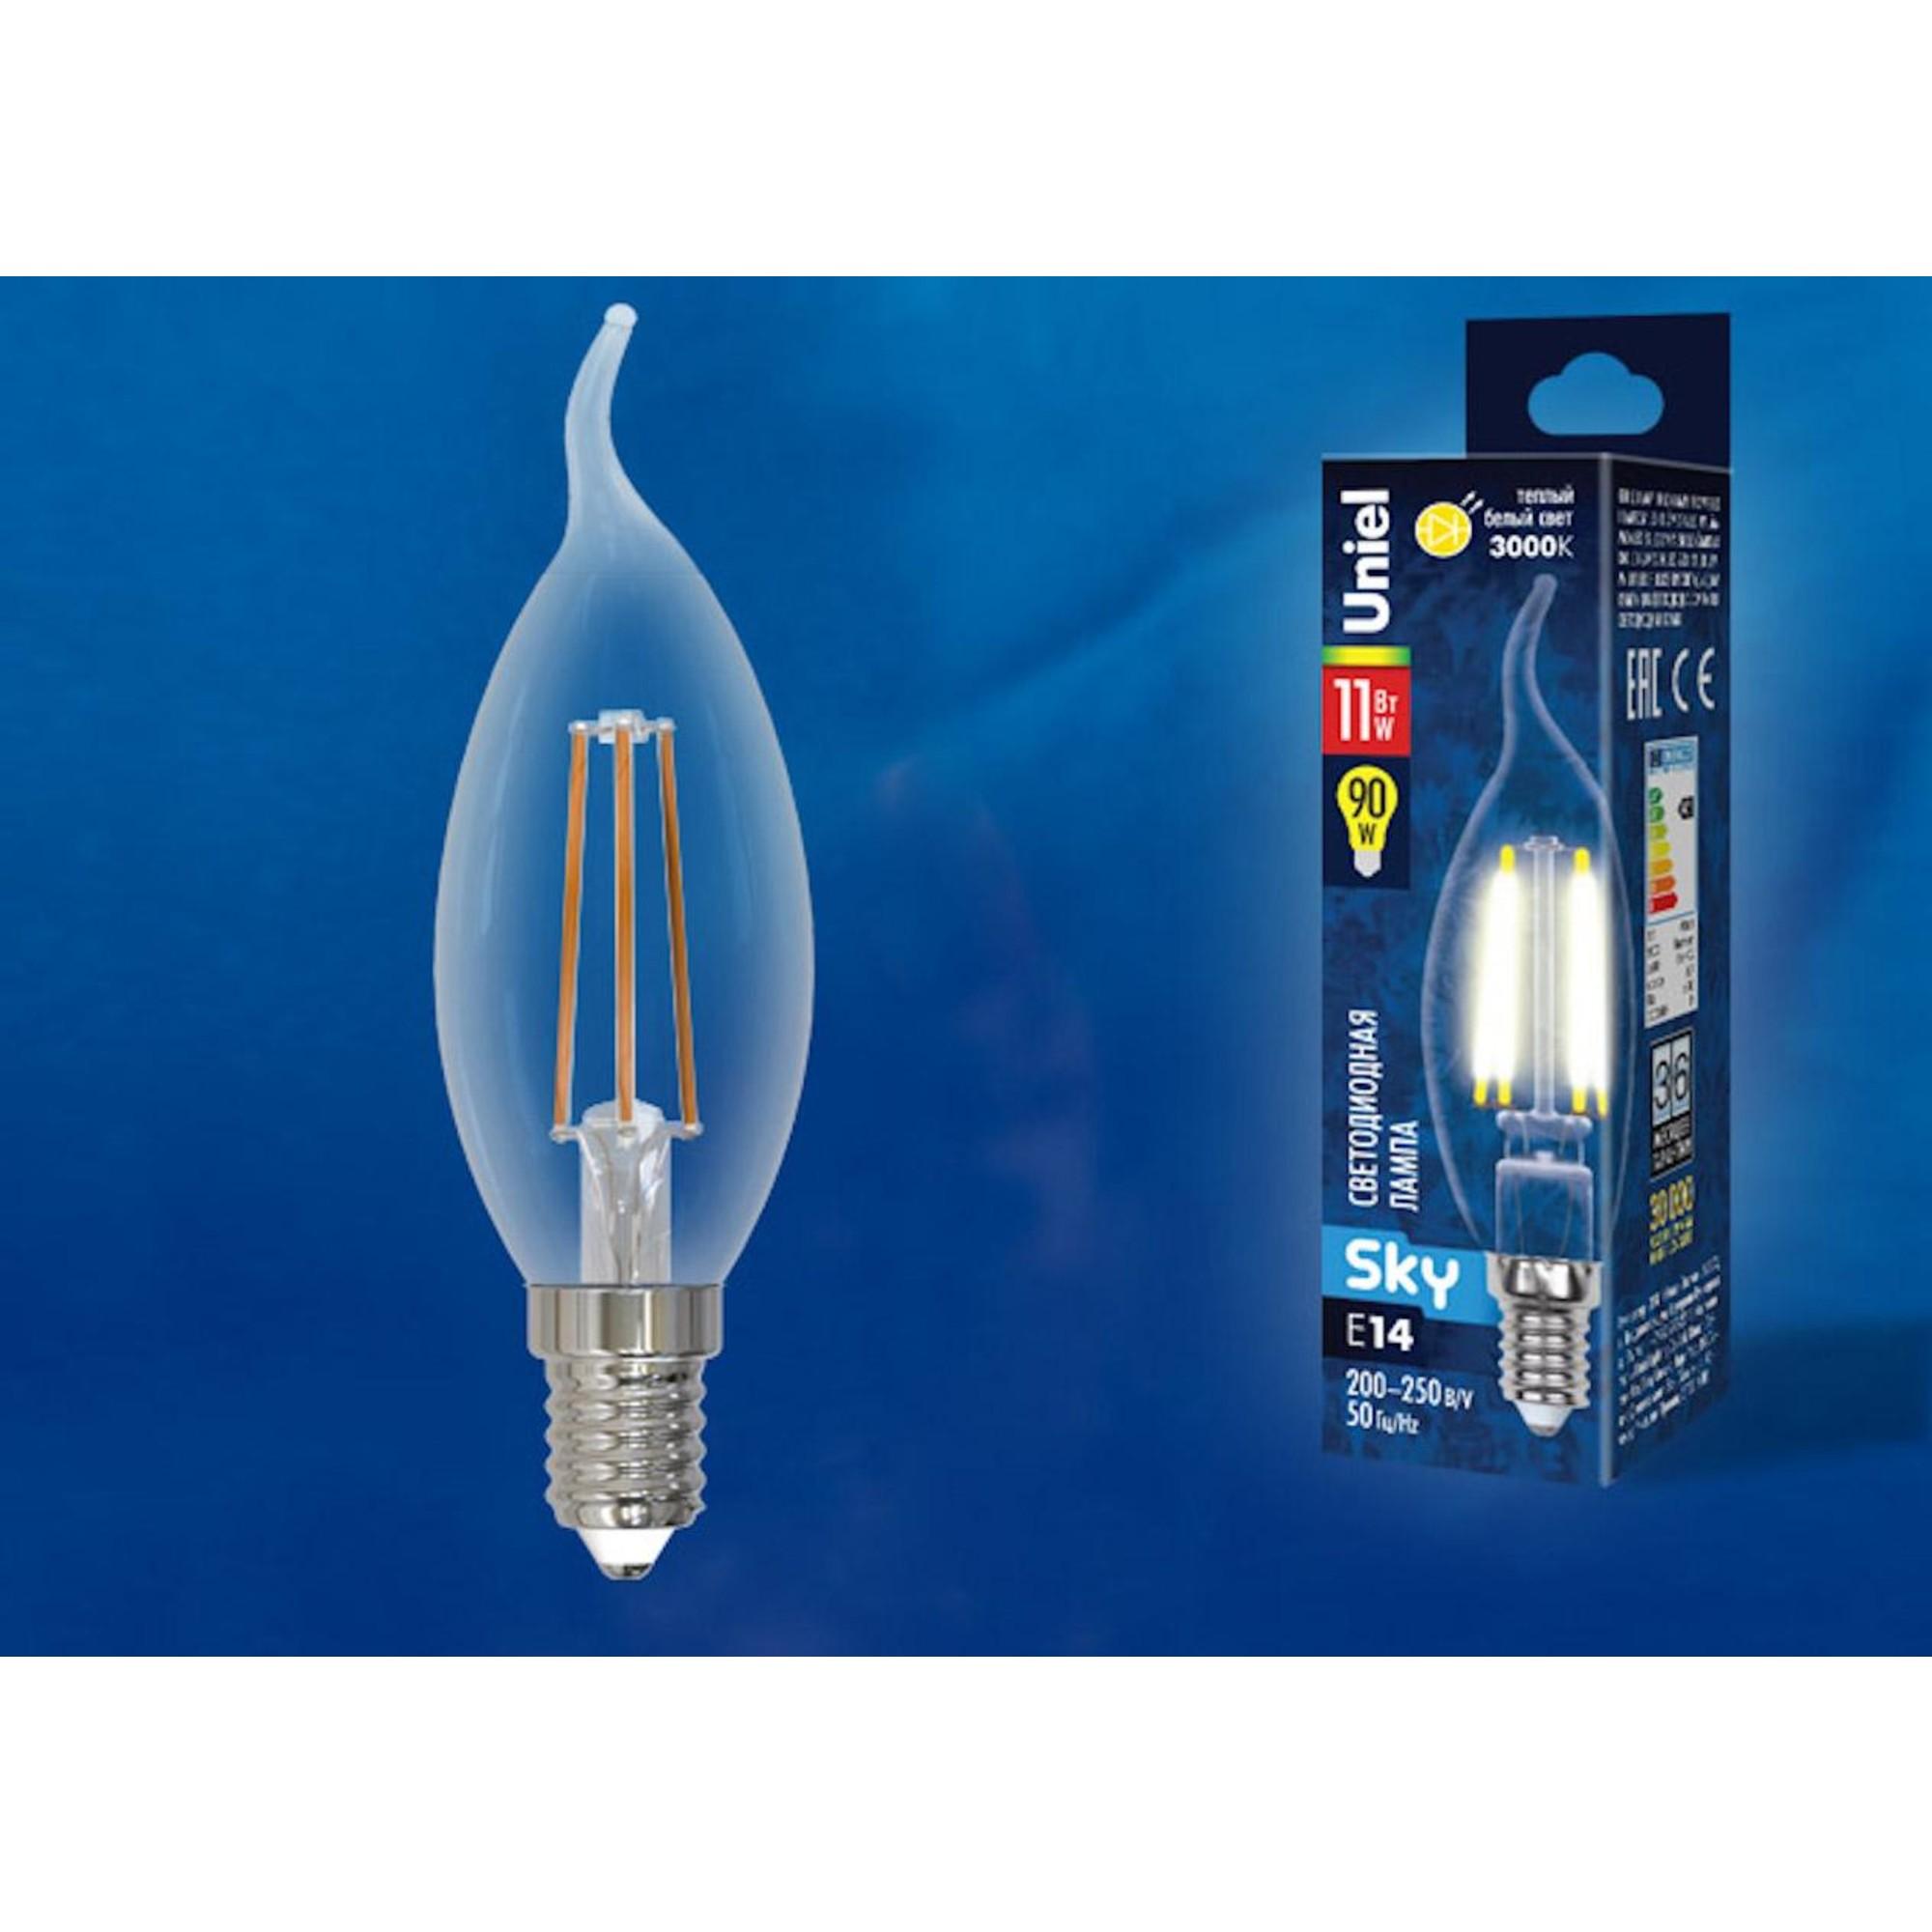 Светодиодная лампочка Uniel UL-00005170 E14 900 Лм 11 Вт